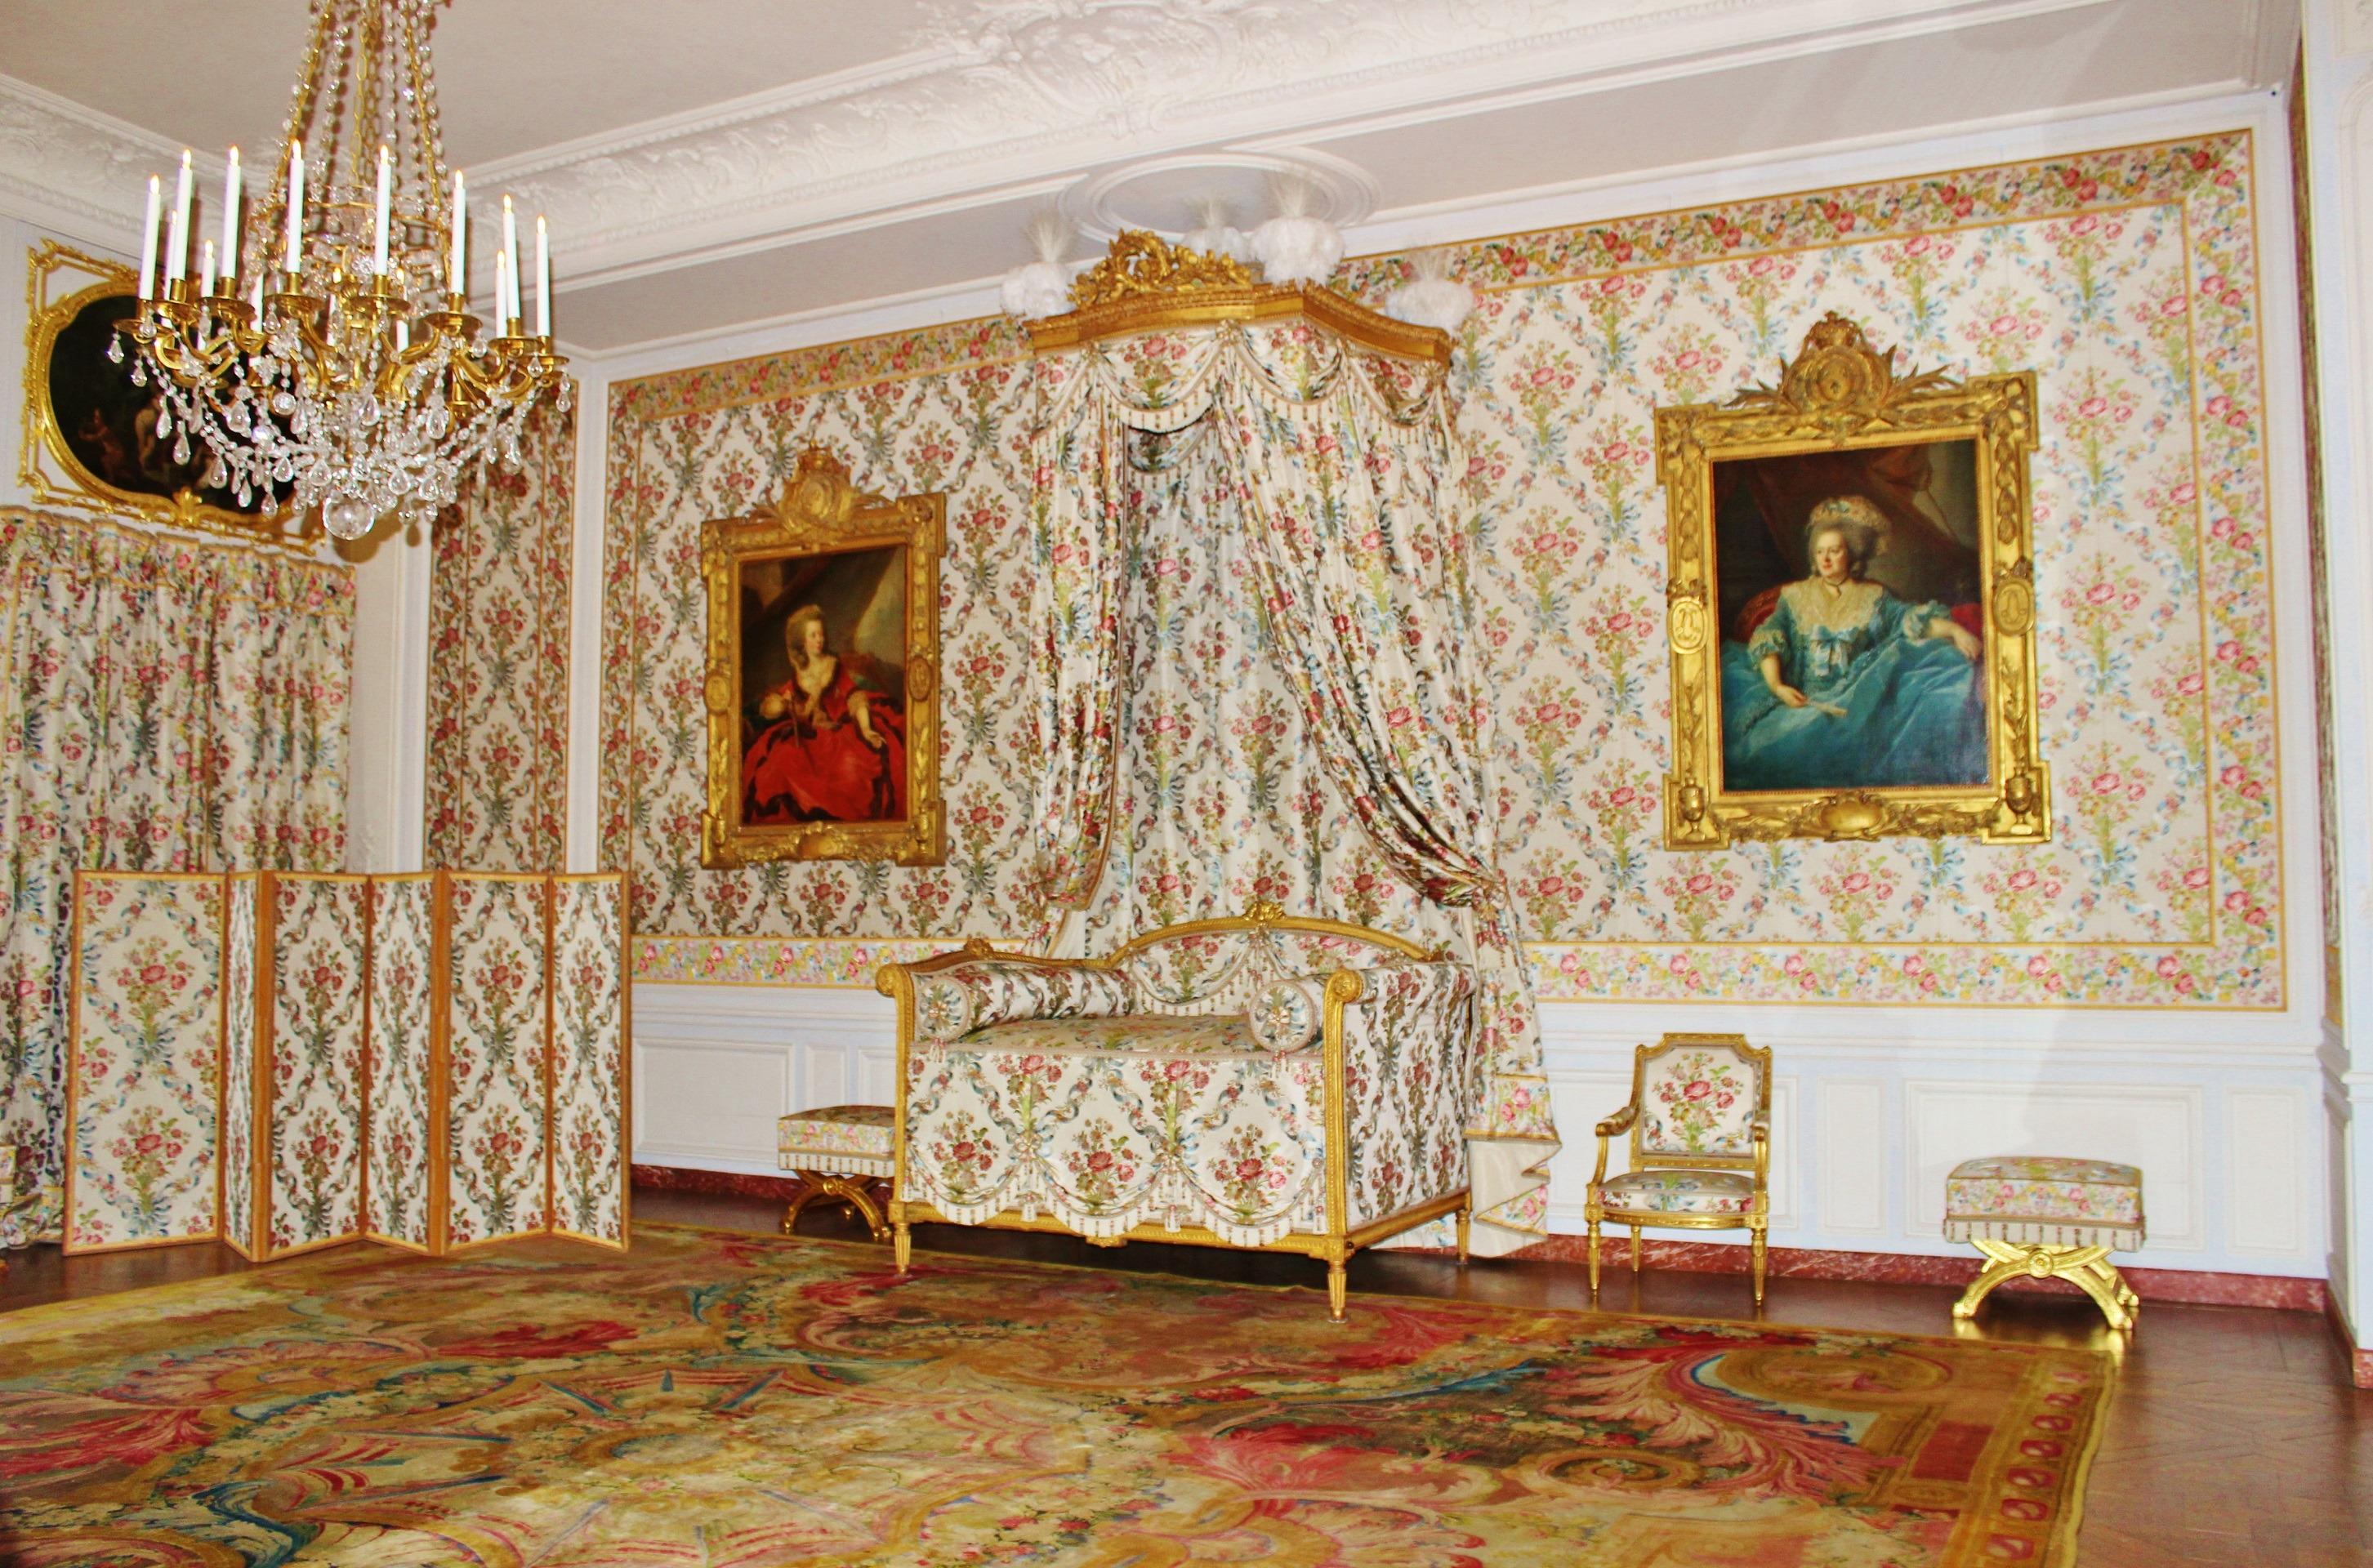 Innenarchitektur Geschichte kostenlose foto die architektur innere gebäude palast